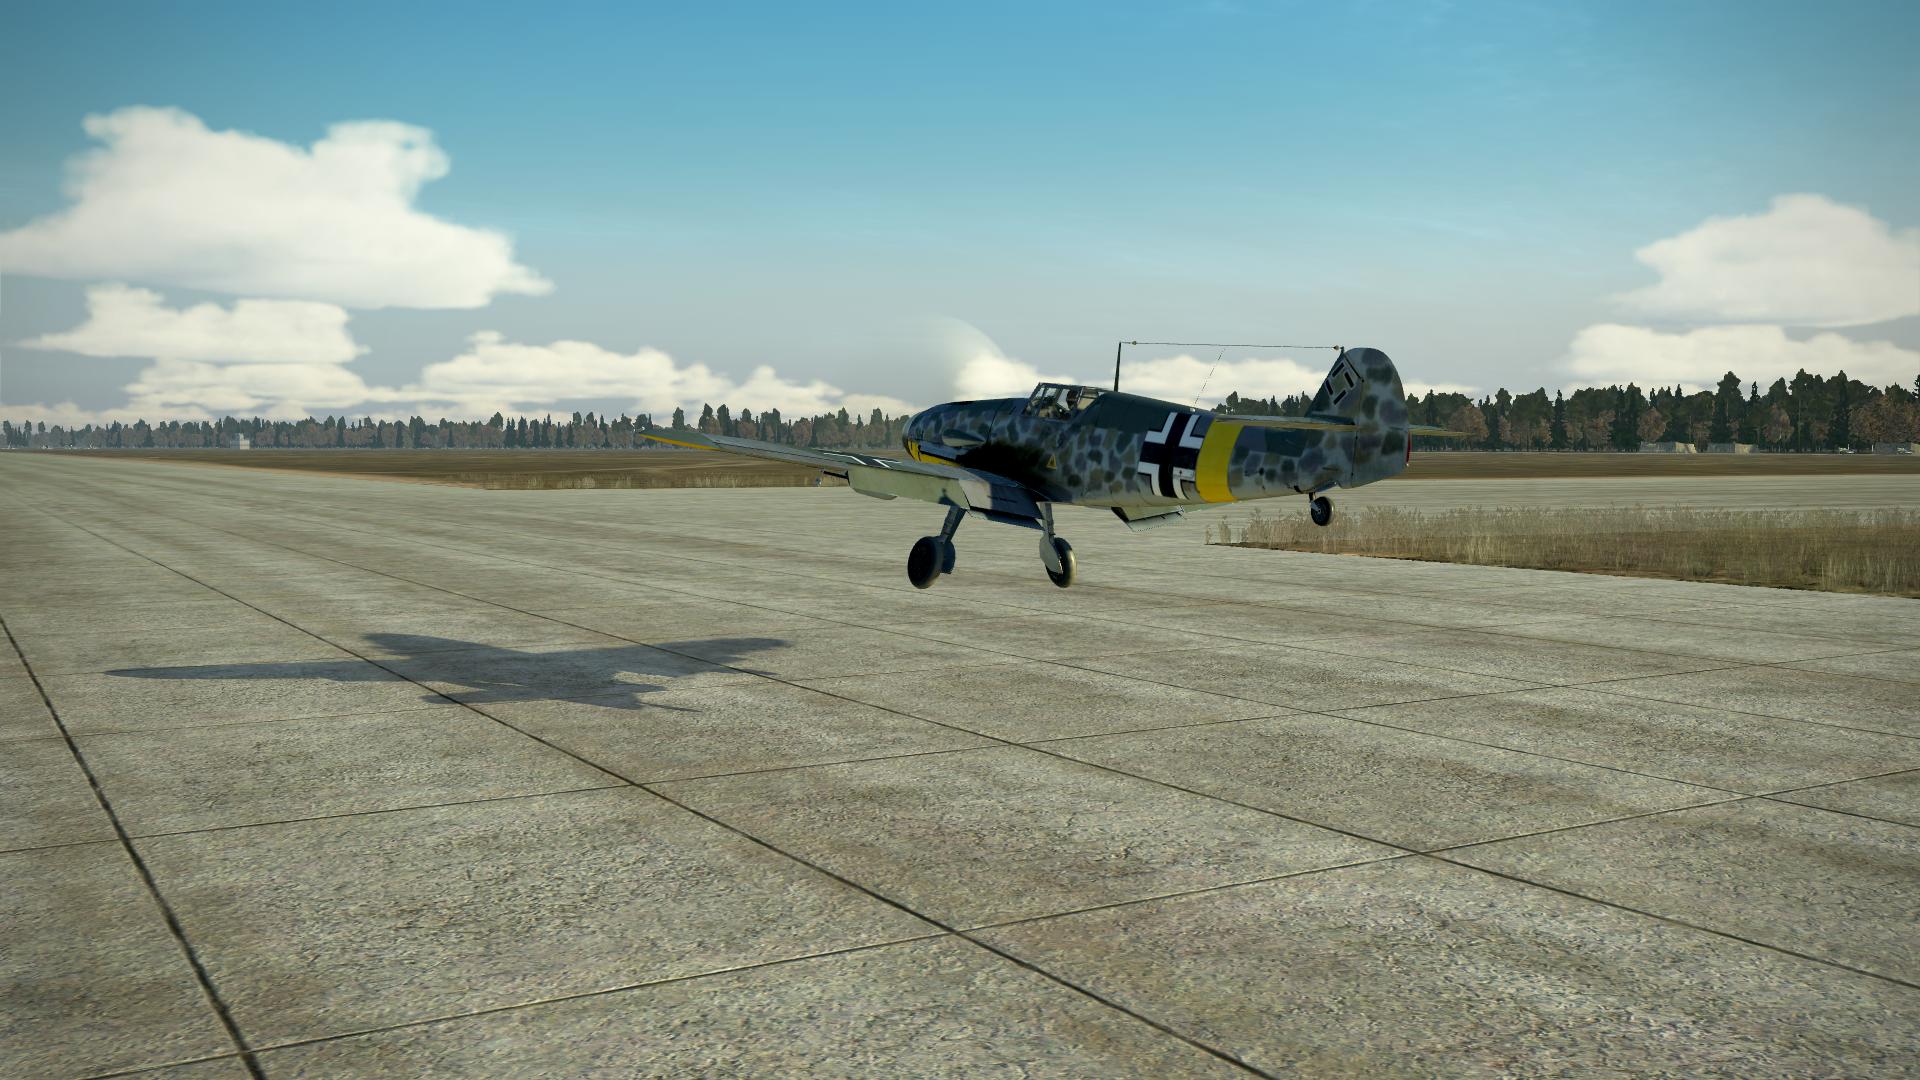 IL-2 Sturmovik Battle of Stalingrad Screenshot 2020.03.24 - 16.43.35.92.png